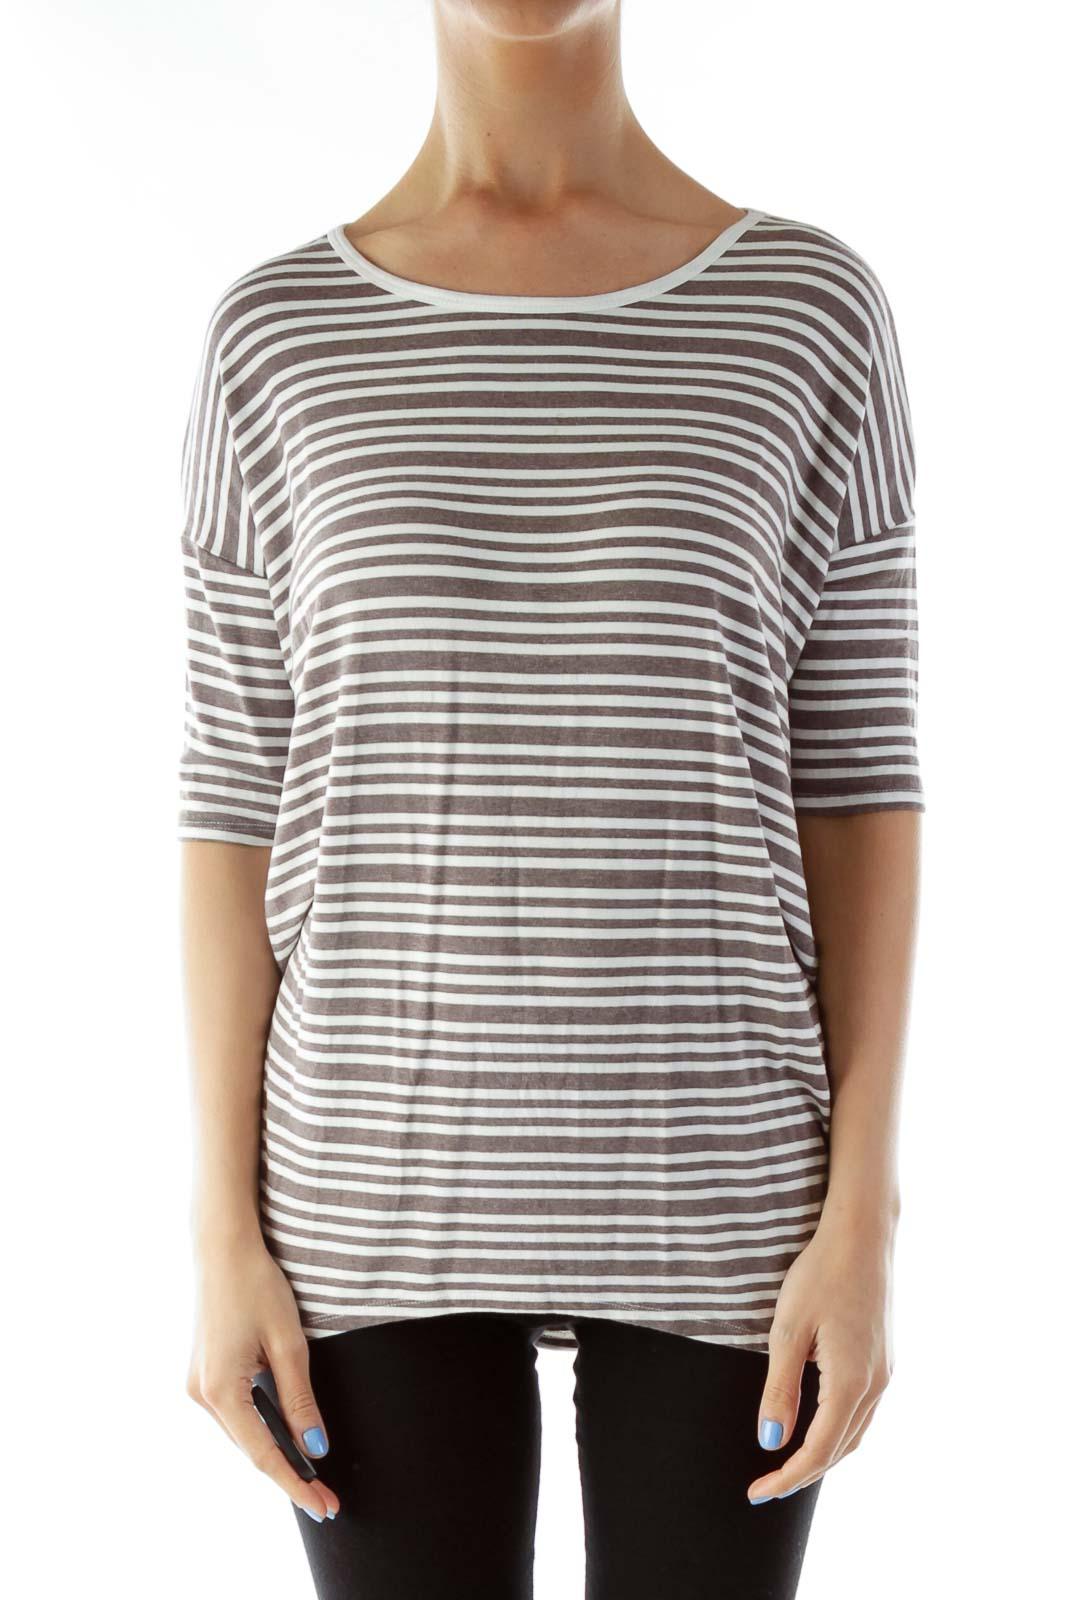 Brown White Striped T-Shirt Dress